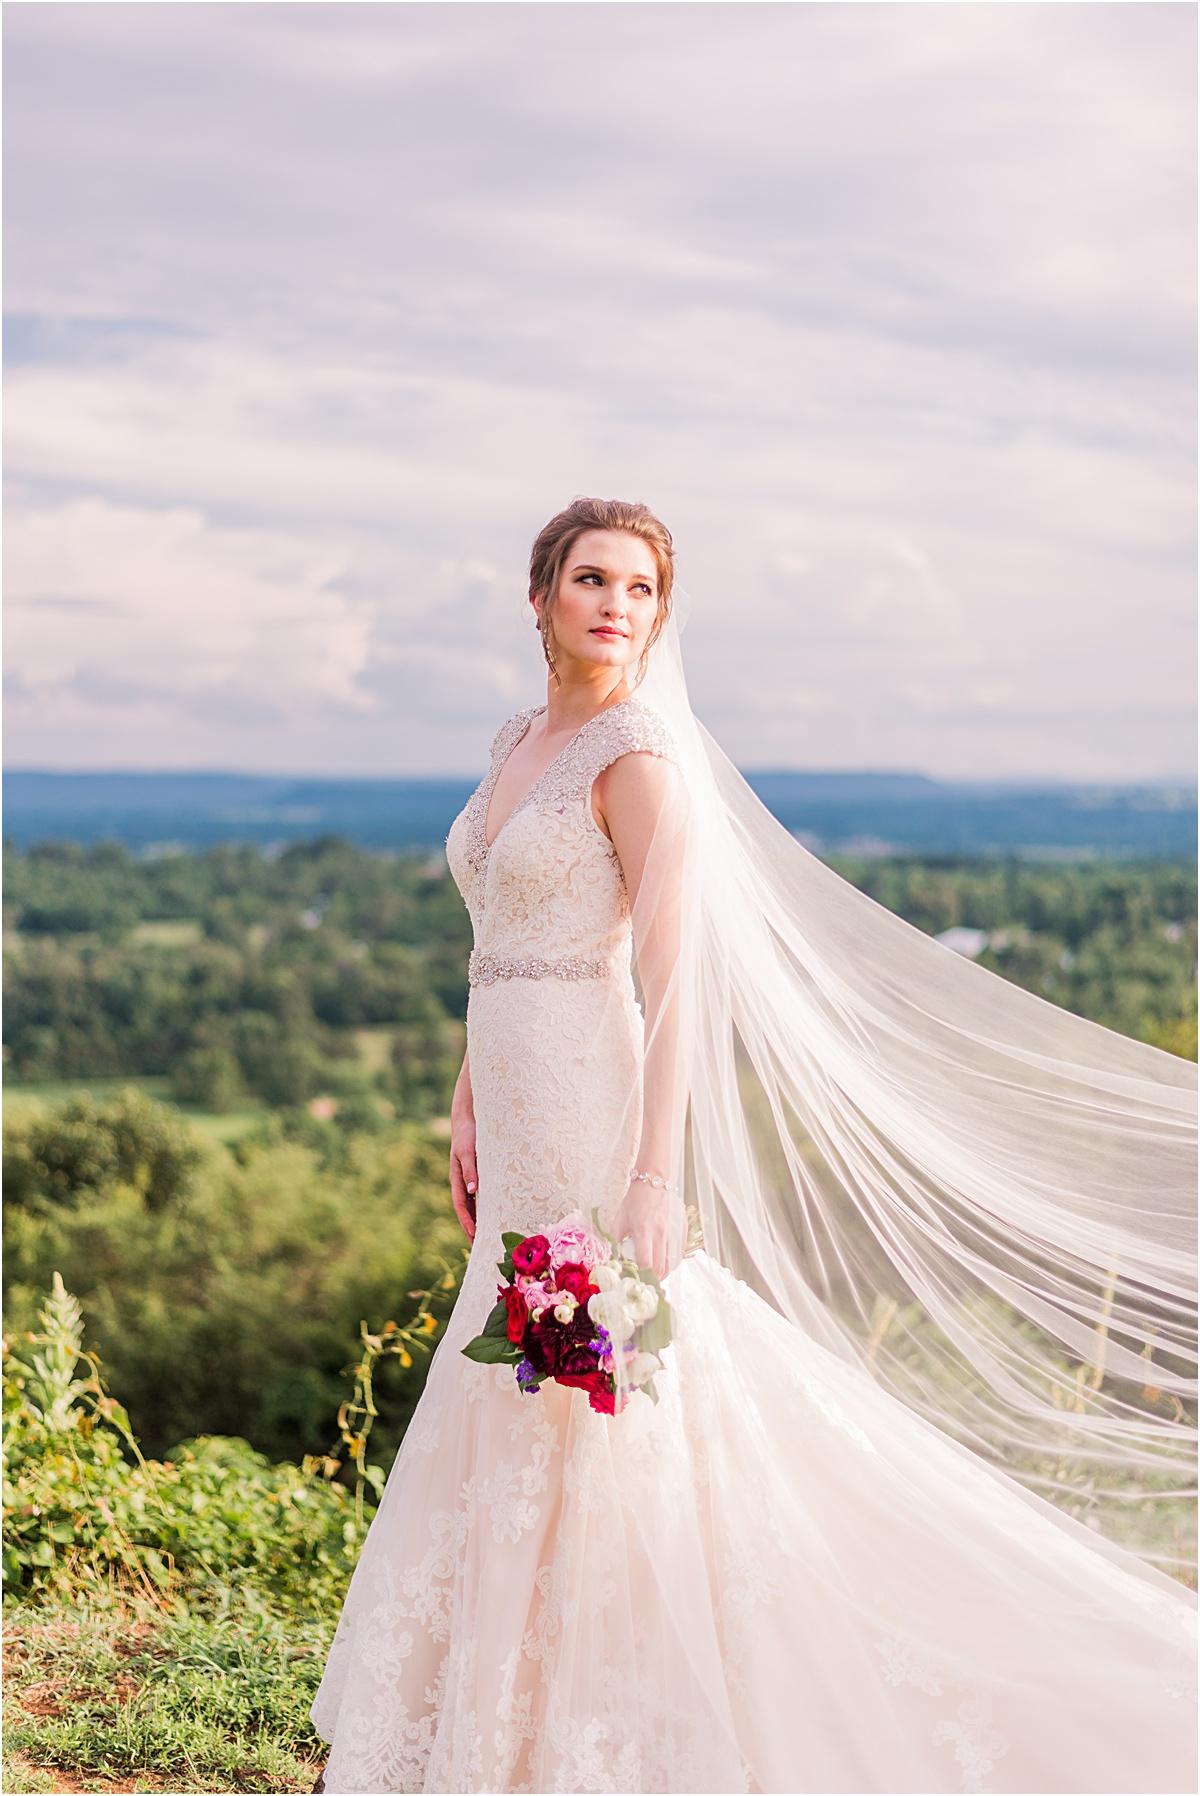 Arkansas bride